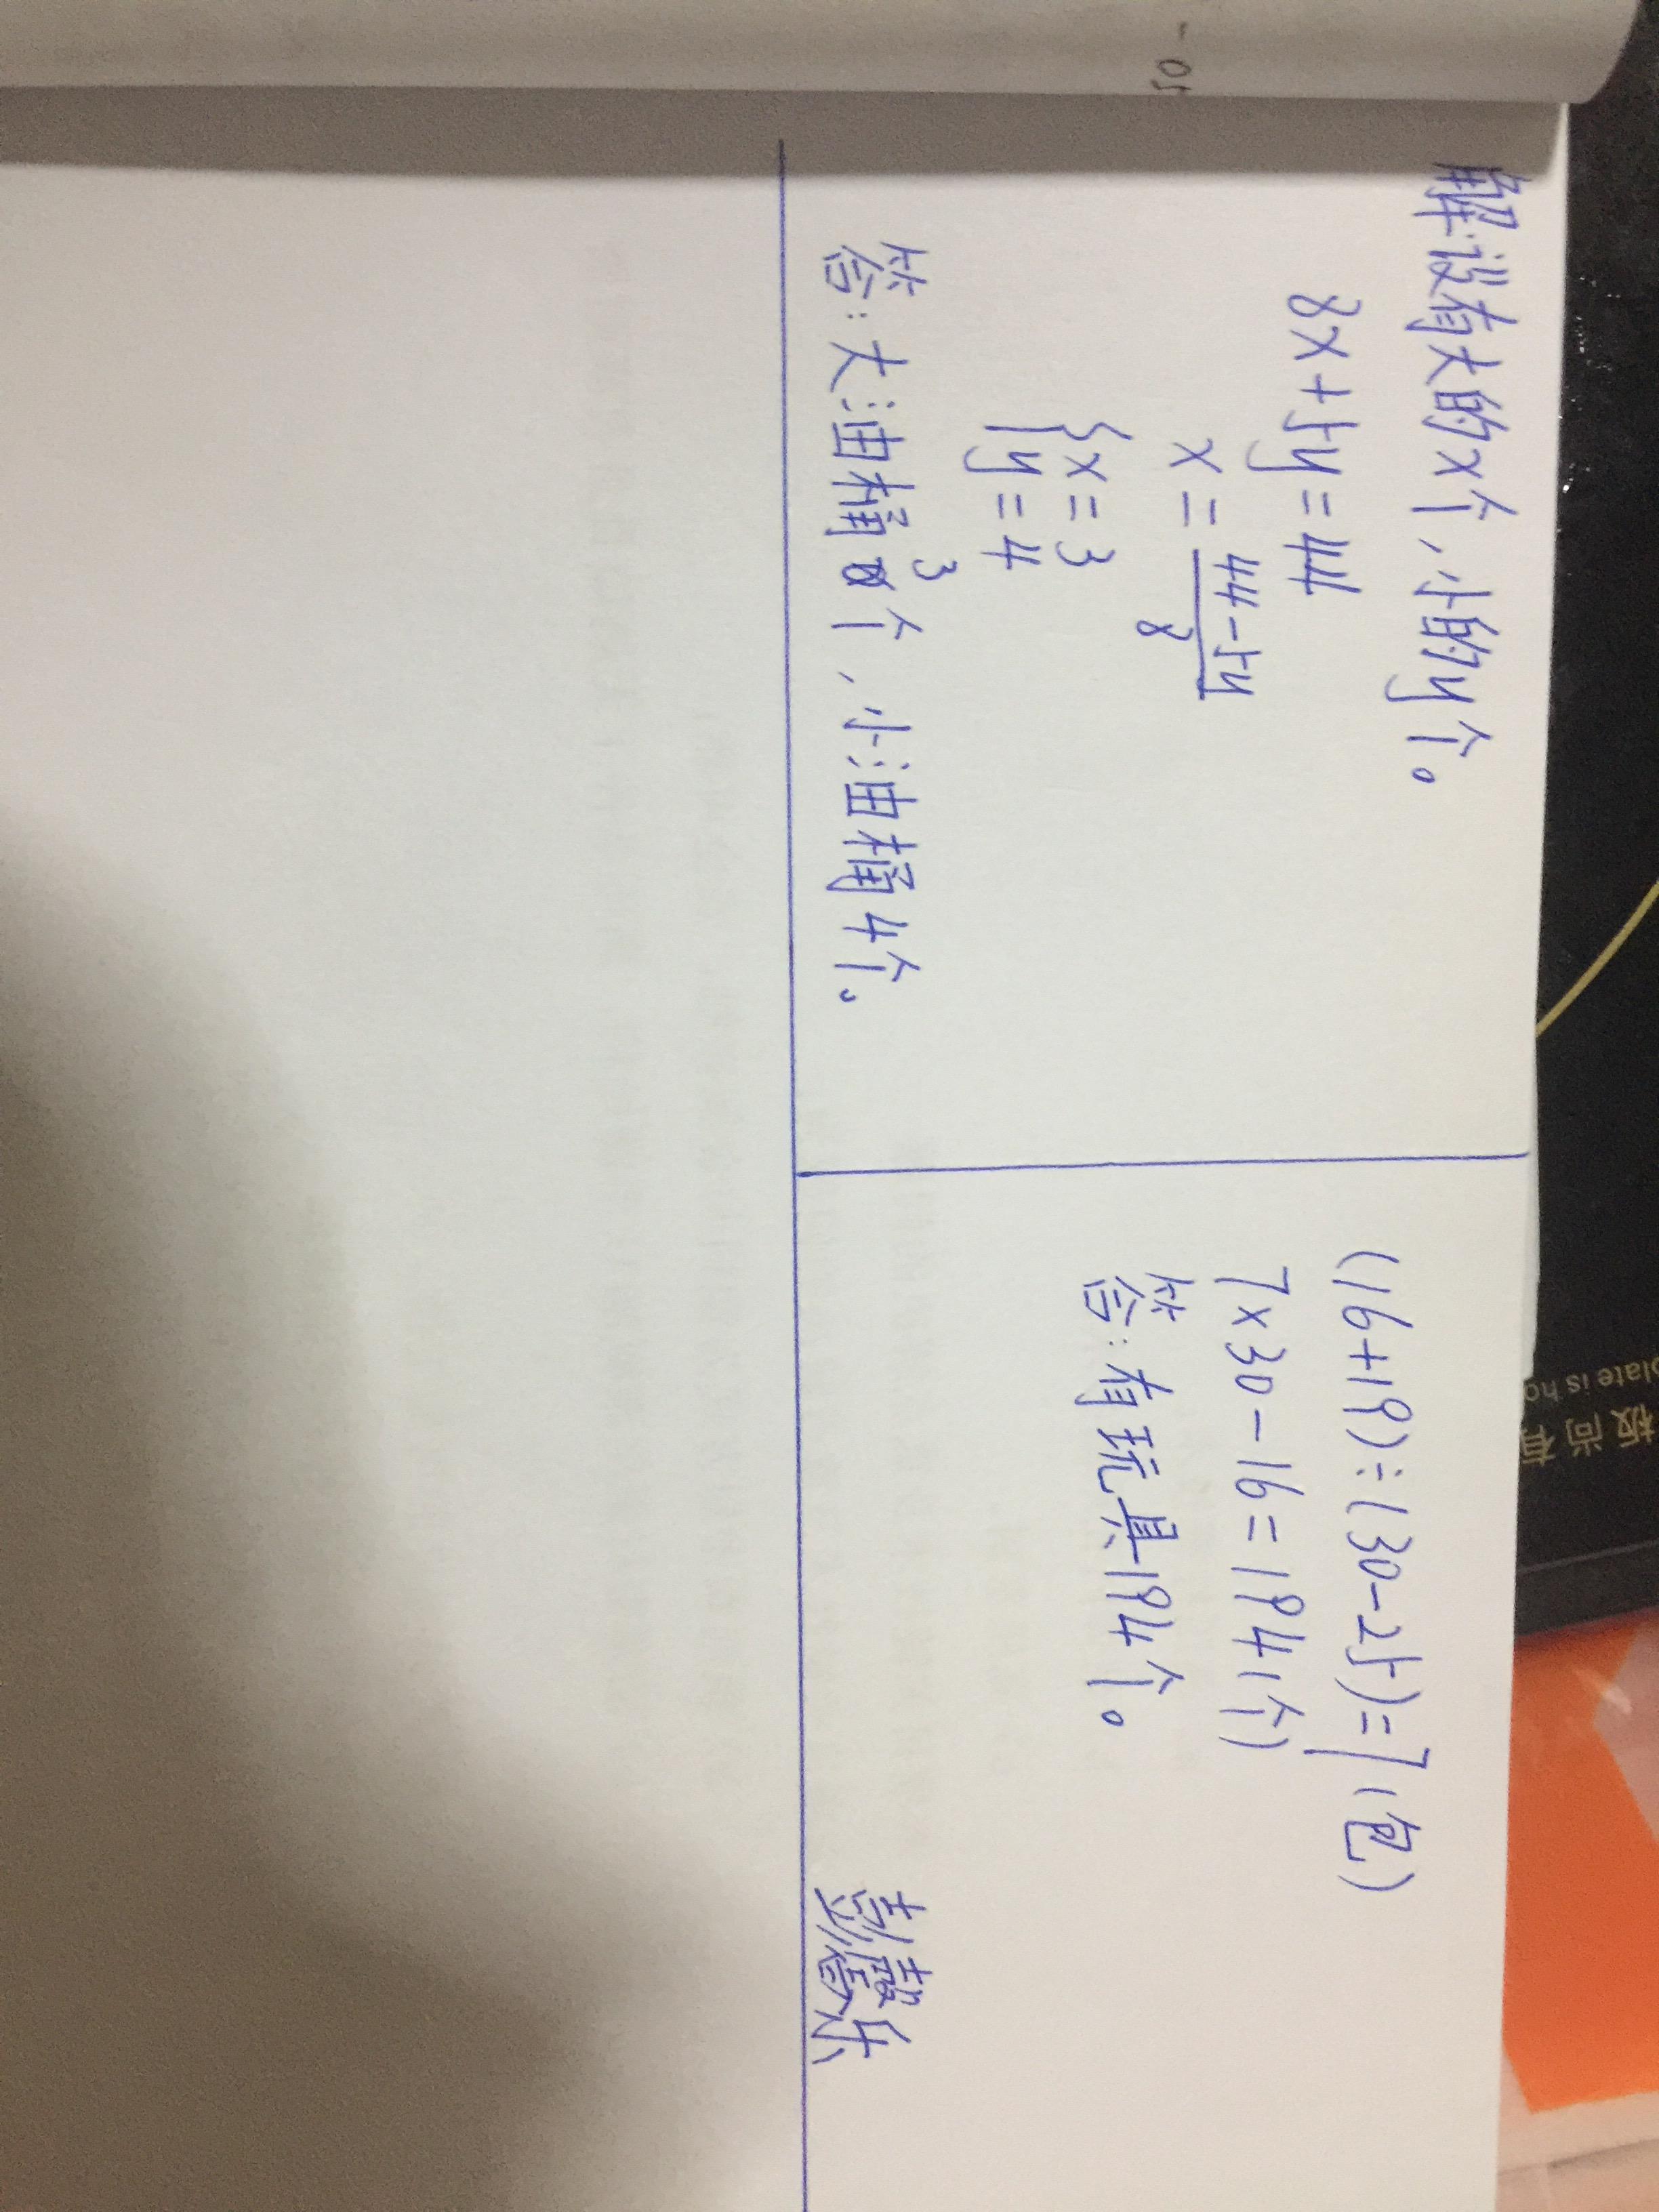 CAF12844-2CF3-41C8-9AC5-7BE6F877677C.jpg